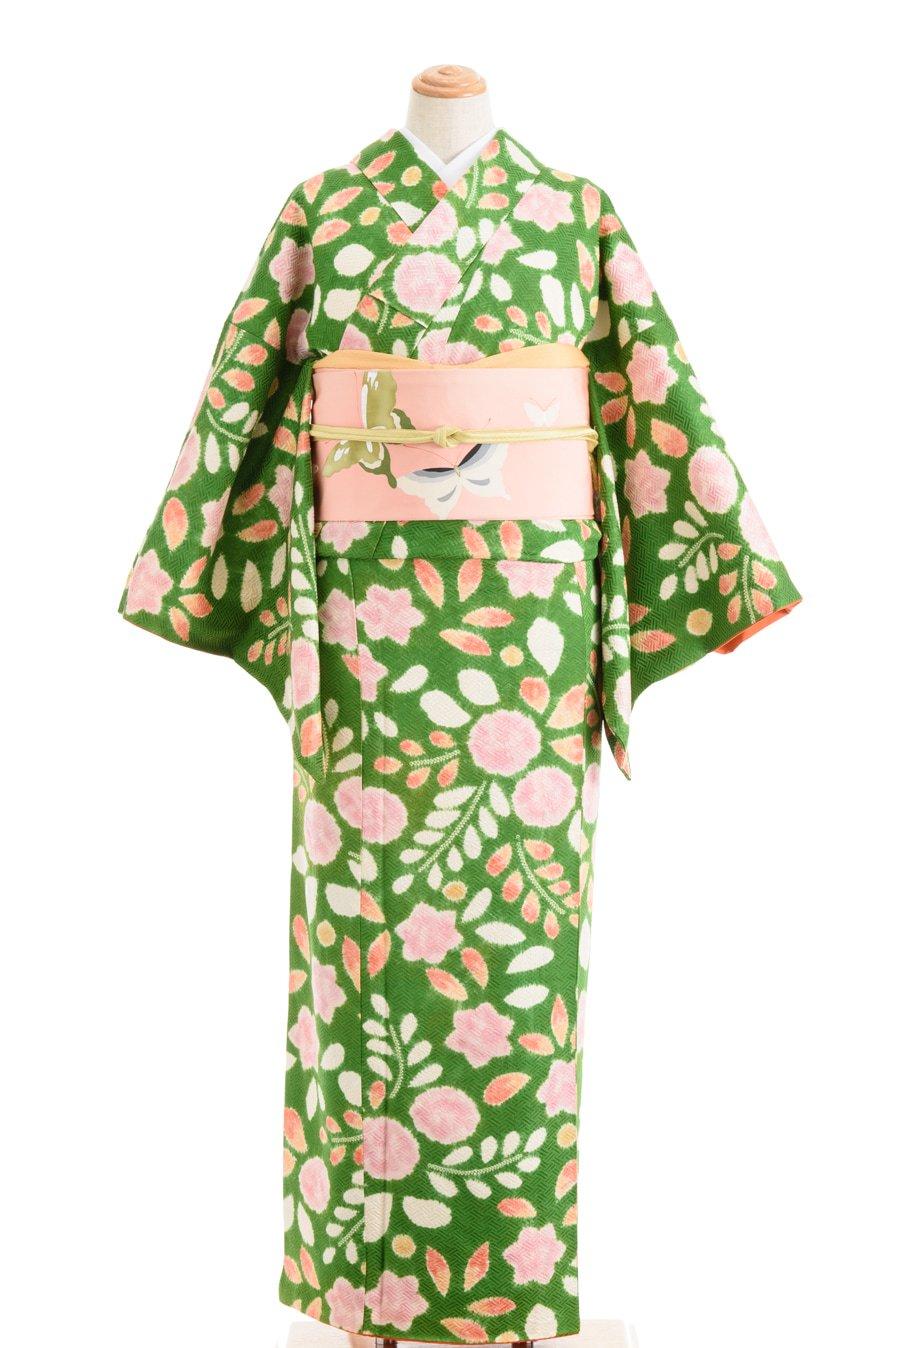 「鮮やかグリーン 絞りの桐」の商品画像